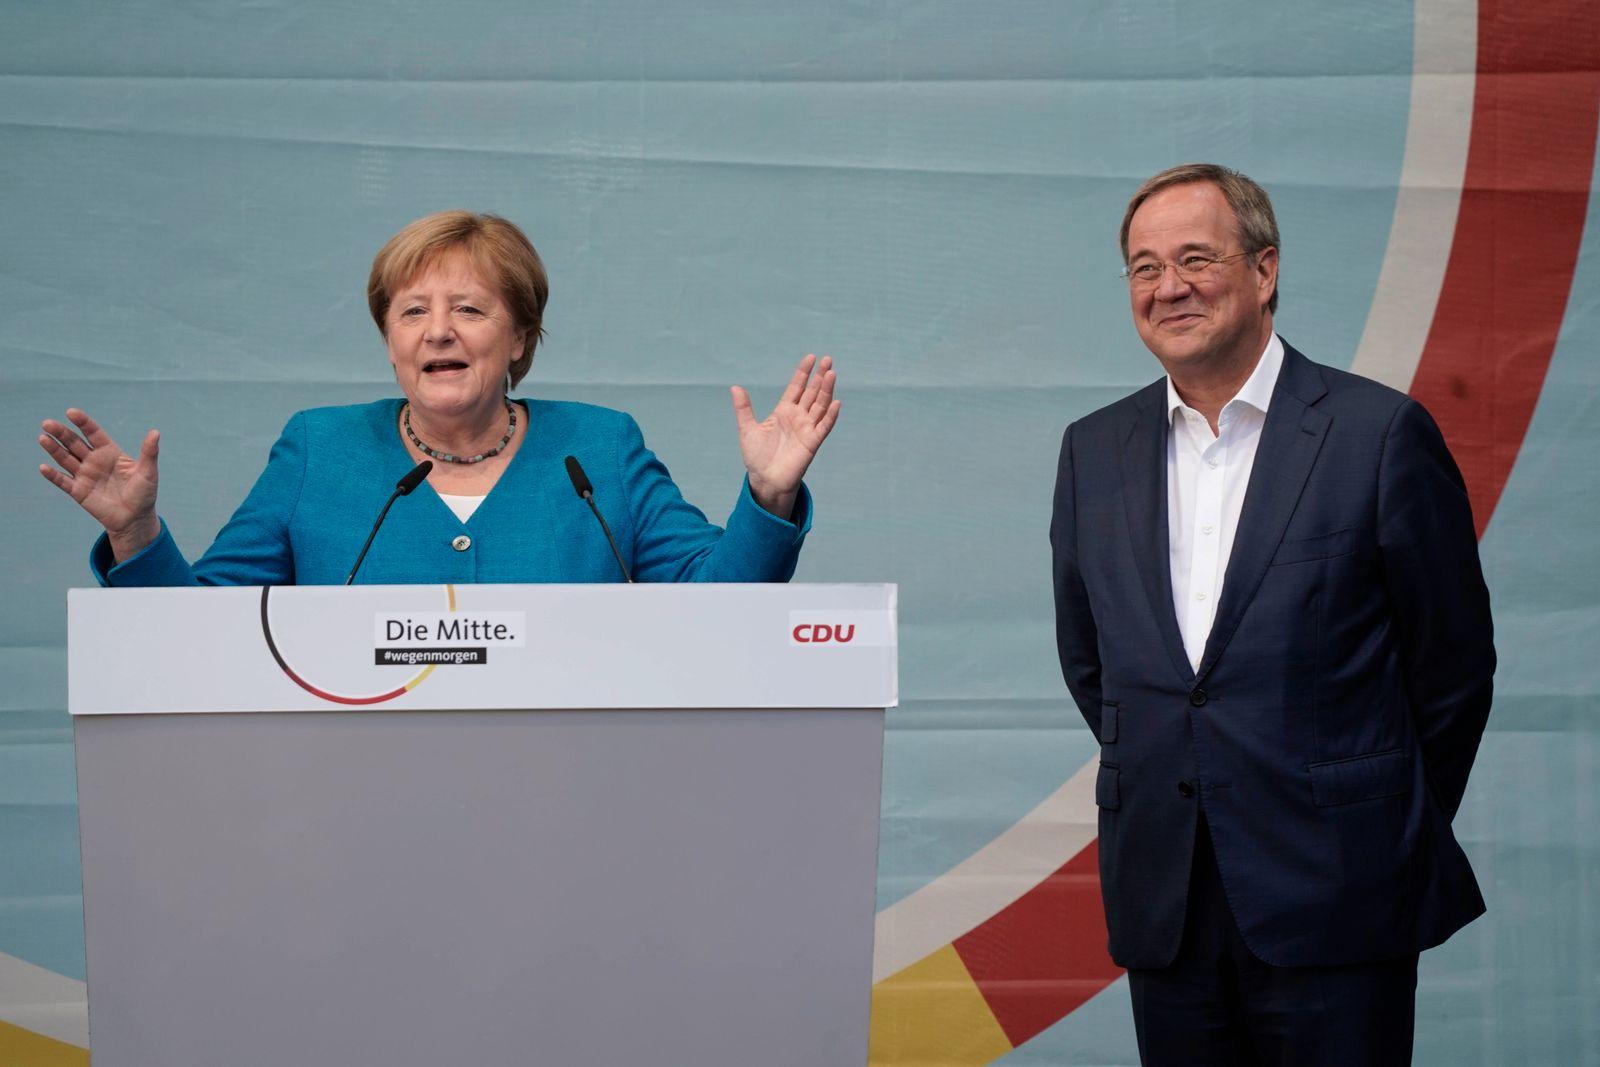 Wahlkampf Abschluss der CDU Bundespartei Aktuell, 25.09.2021,Aachen, Angela Merkel die deutsche CDU Bundeskanzlerin gem